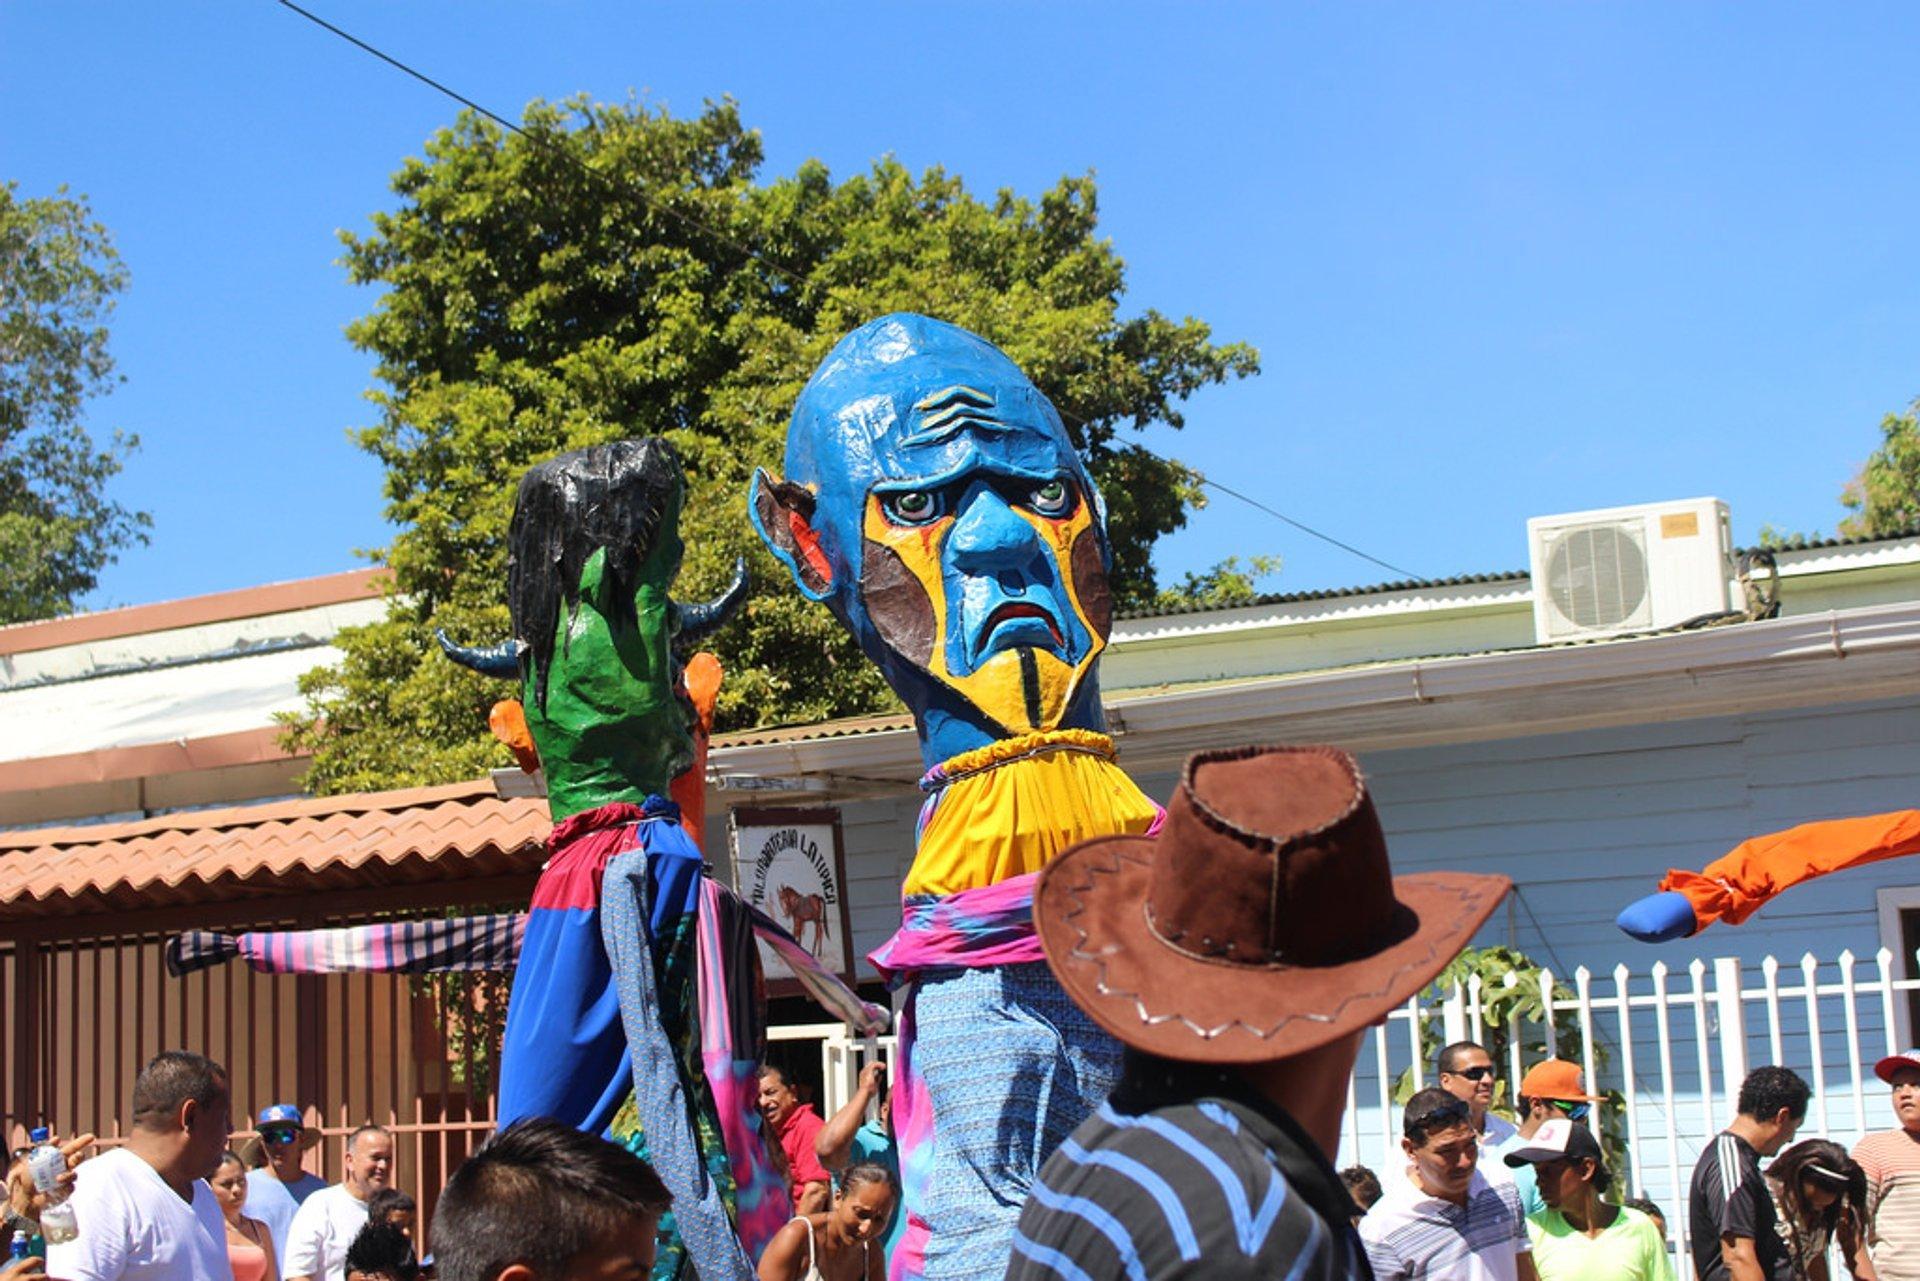 Best time for Fiestas Típicas Nacionales Santa Cruz in Costa Rica 2020